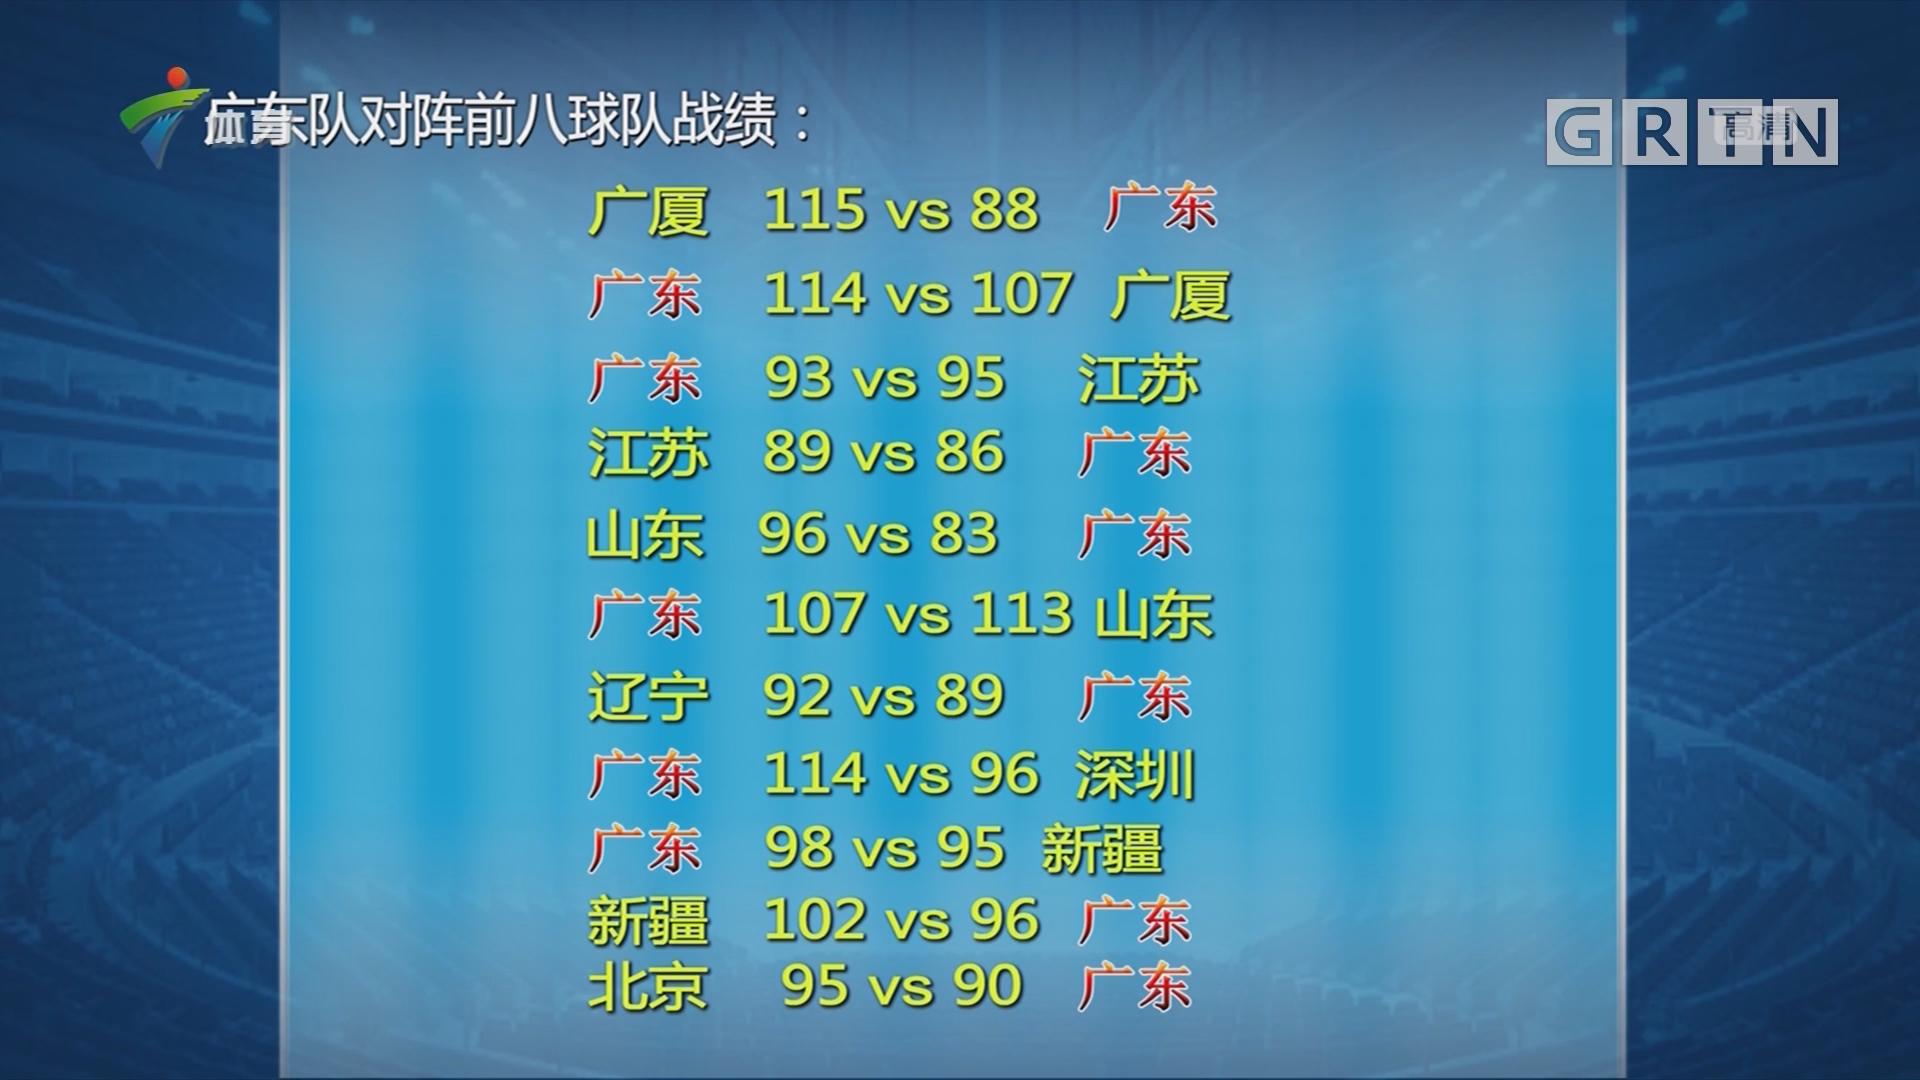 广东队对阵前八球队战绩